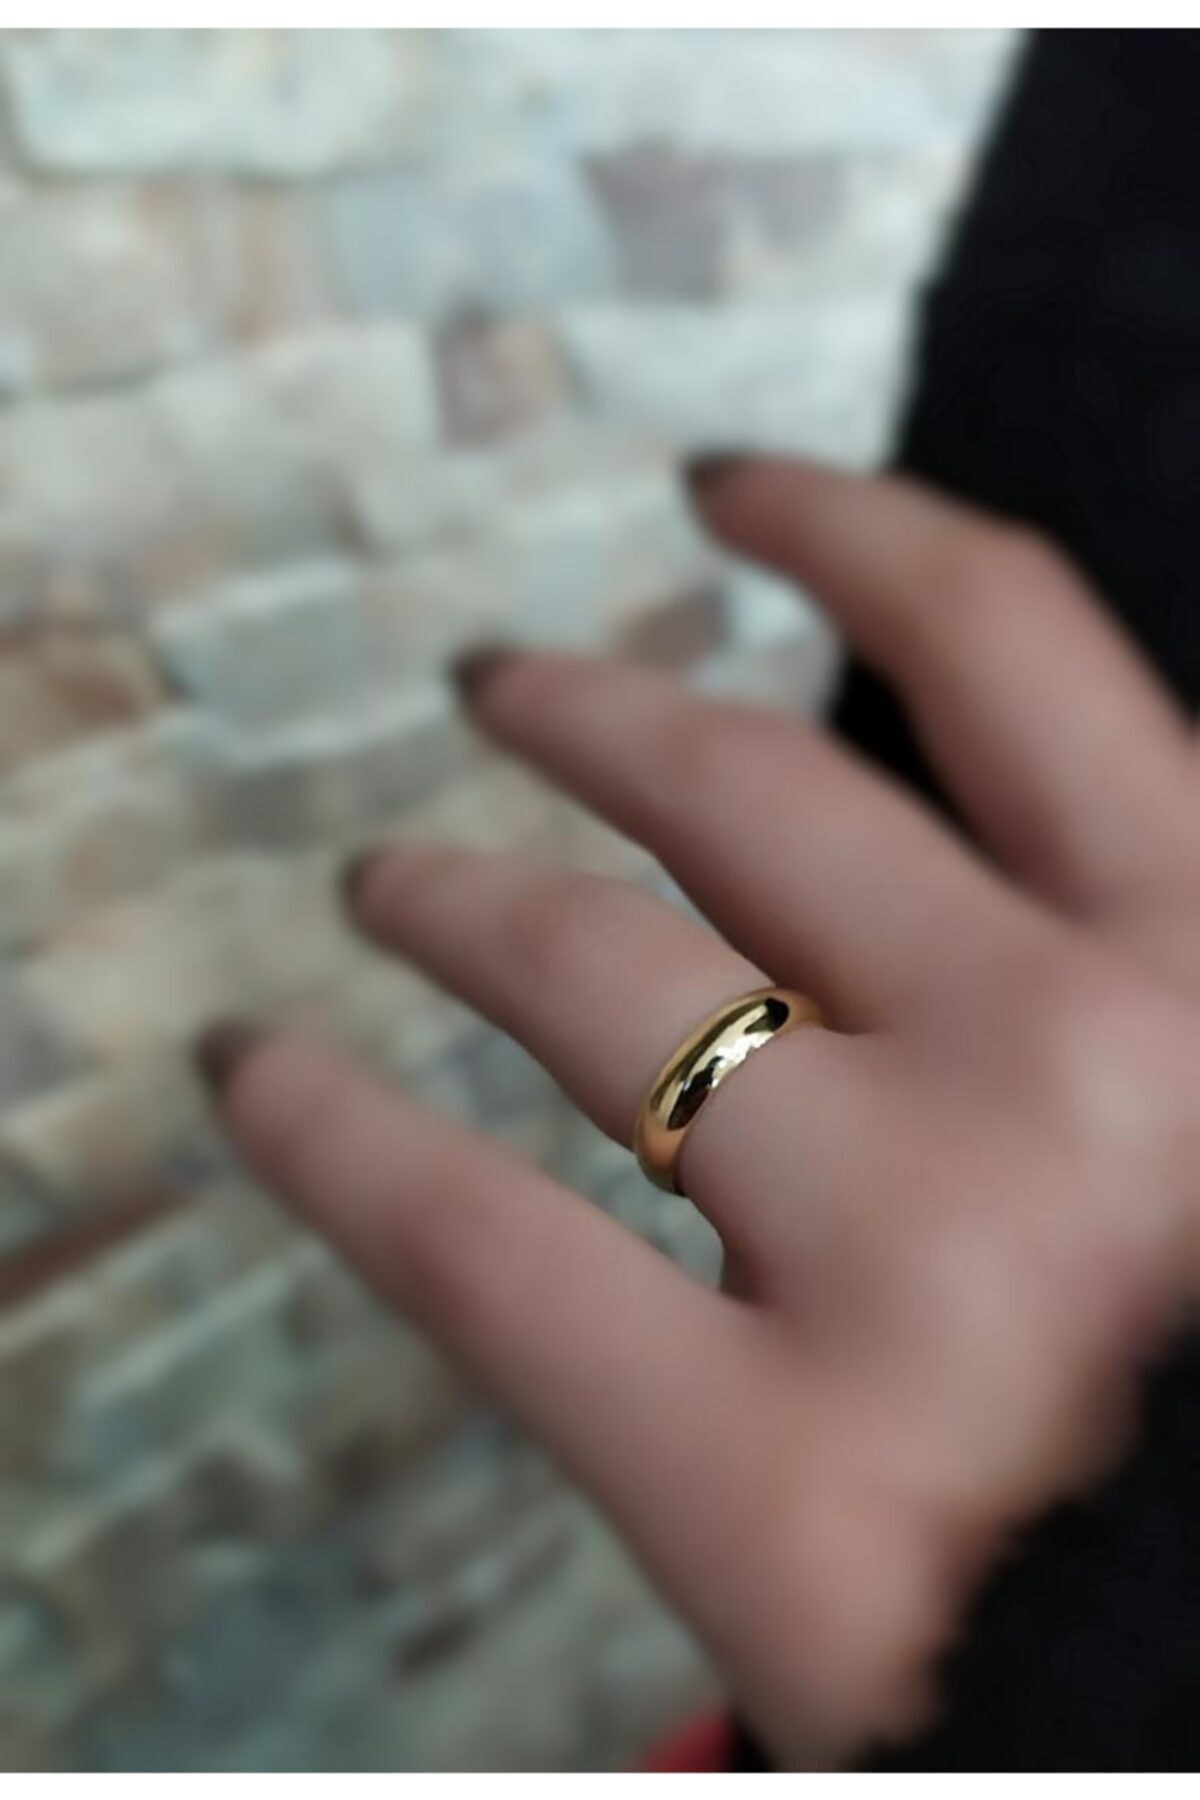 Kararmaz Gümüş 4 mm Altın Kaplama Alyans Yüzük